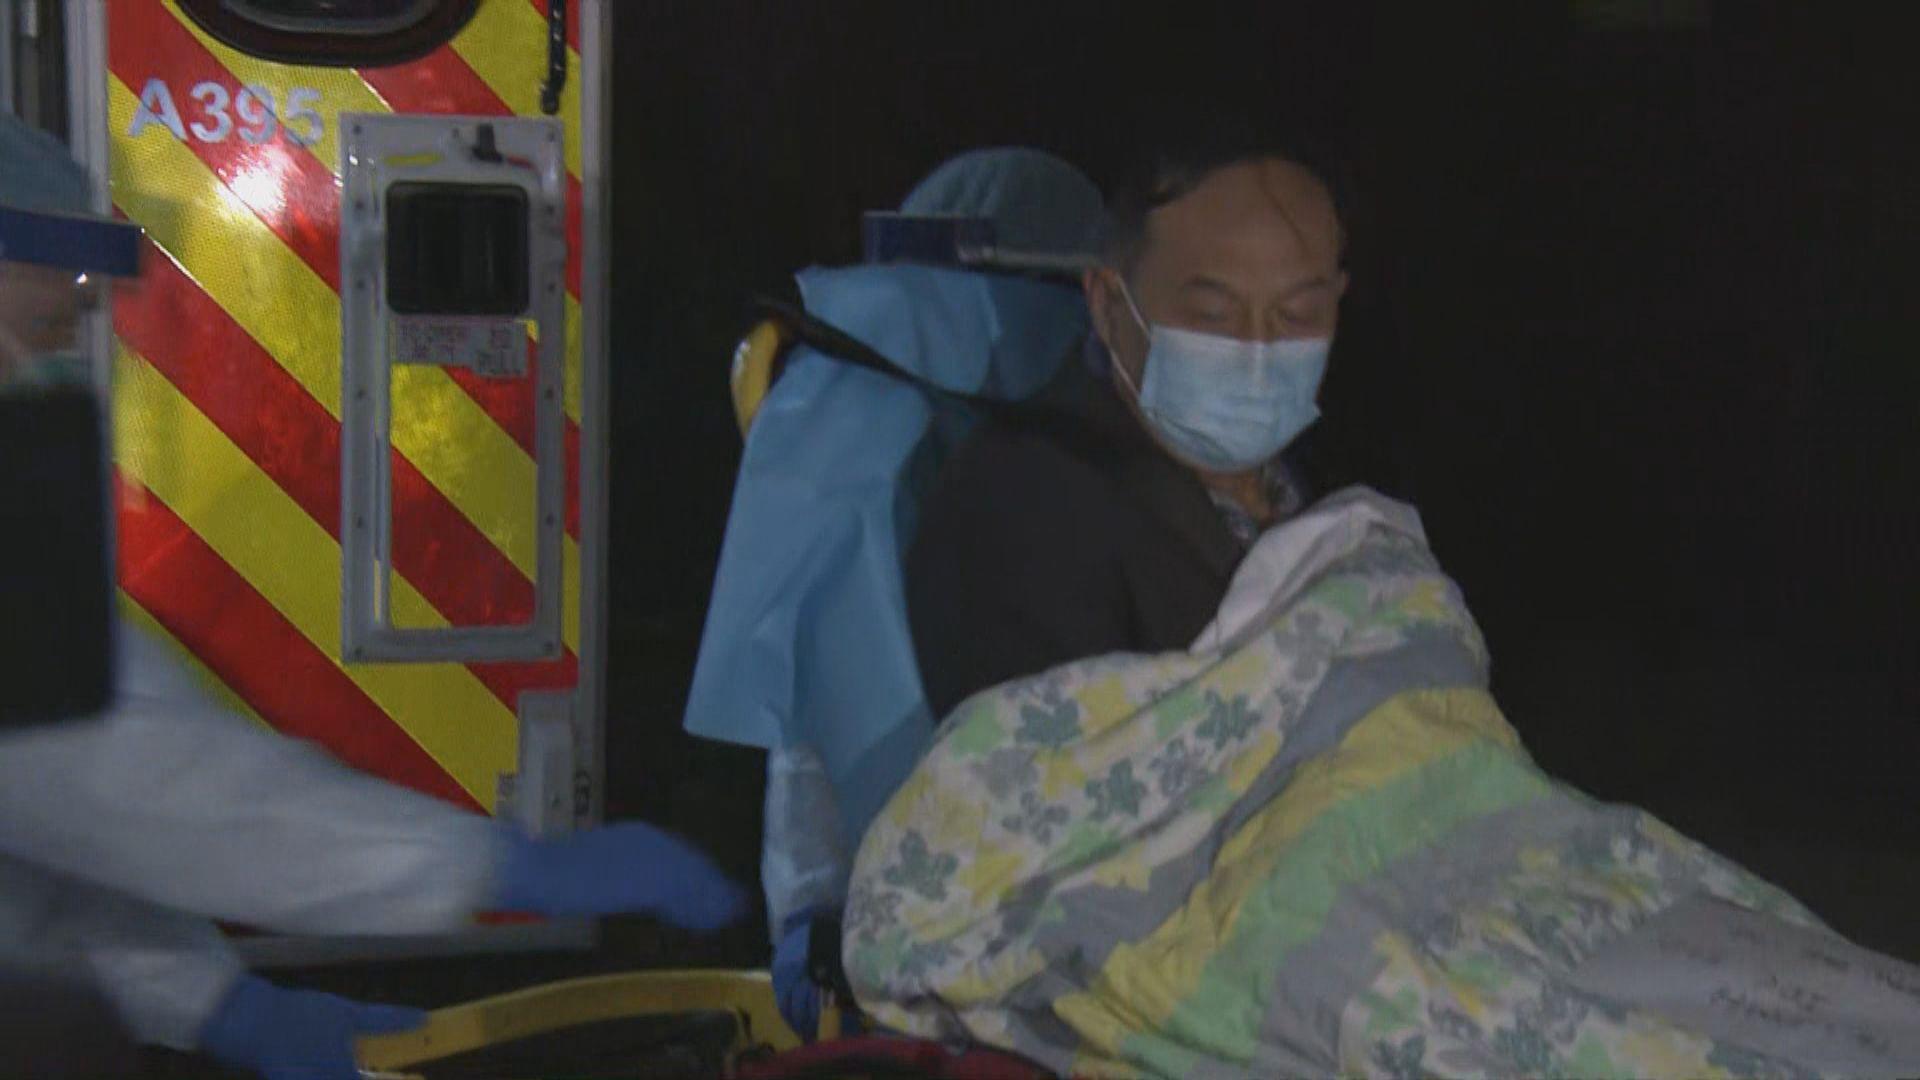 消息:對新型冠狀病毒呈陽性反應威院病人為港人曾赴武漢